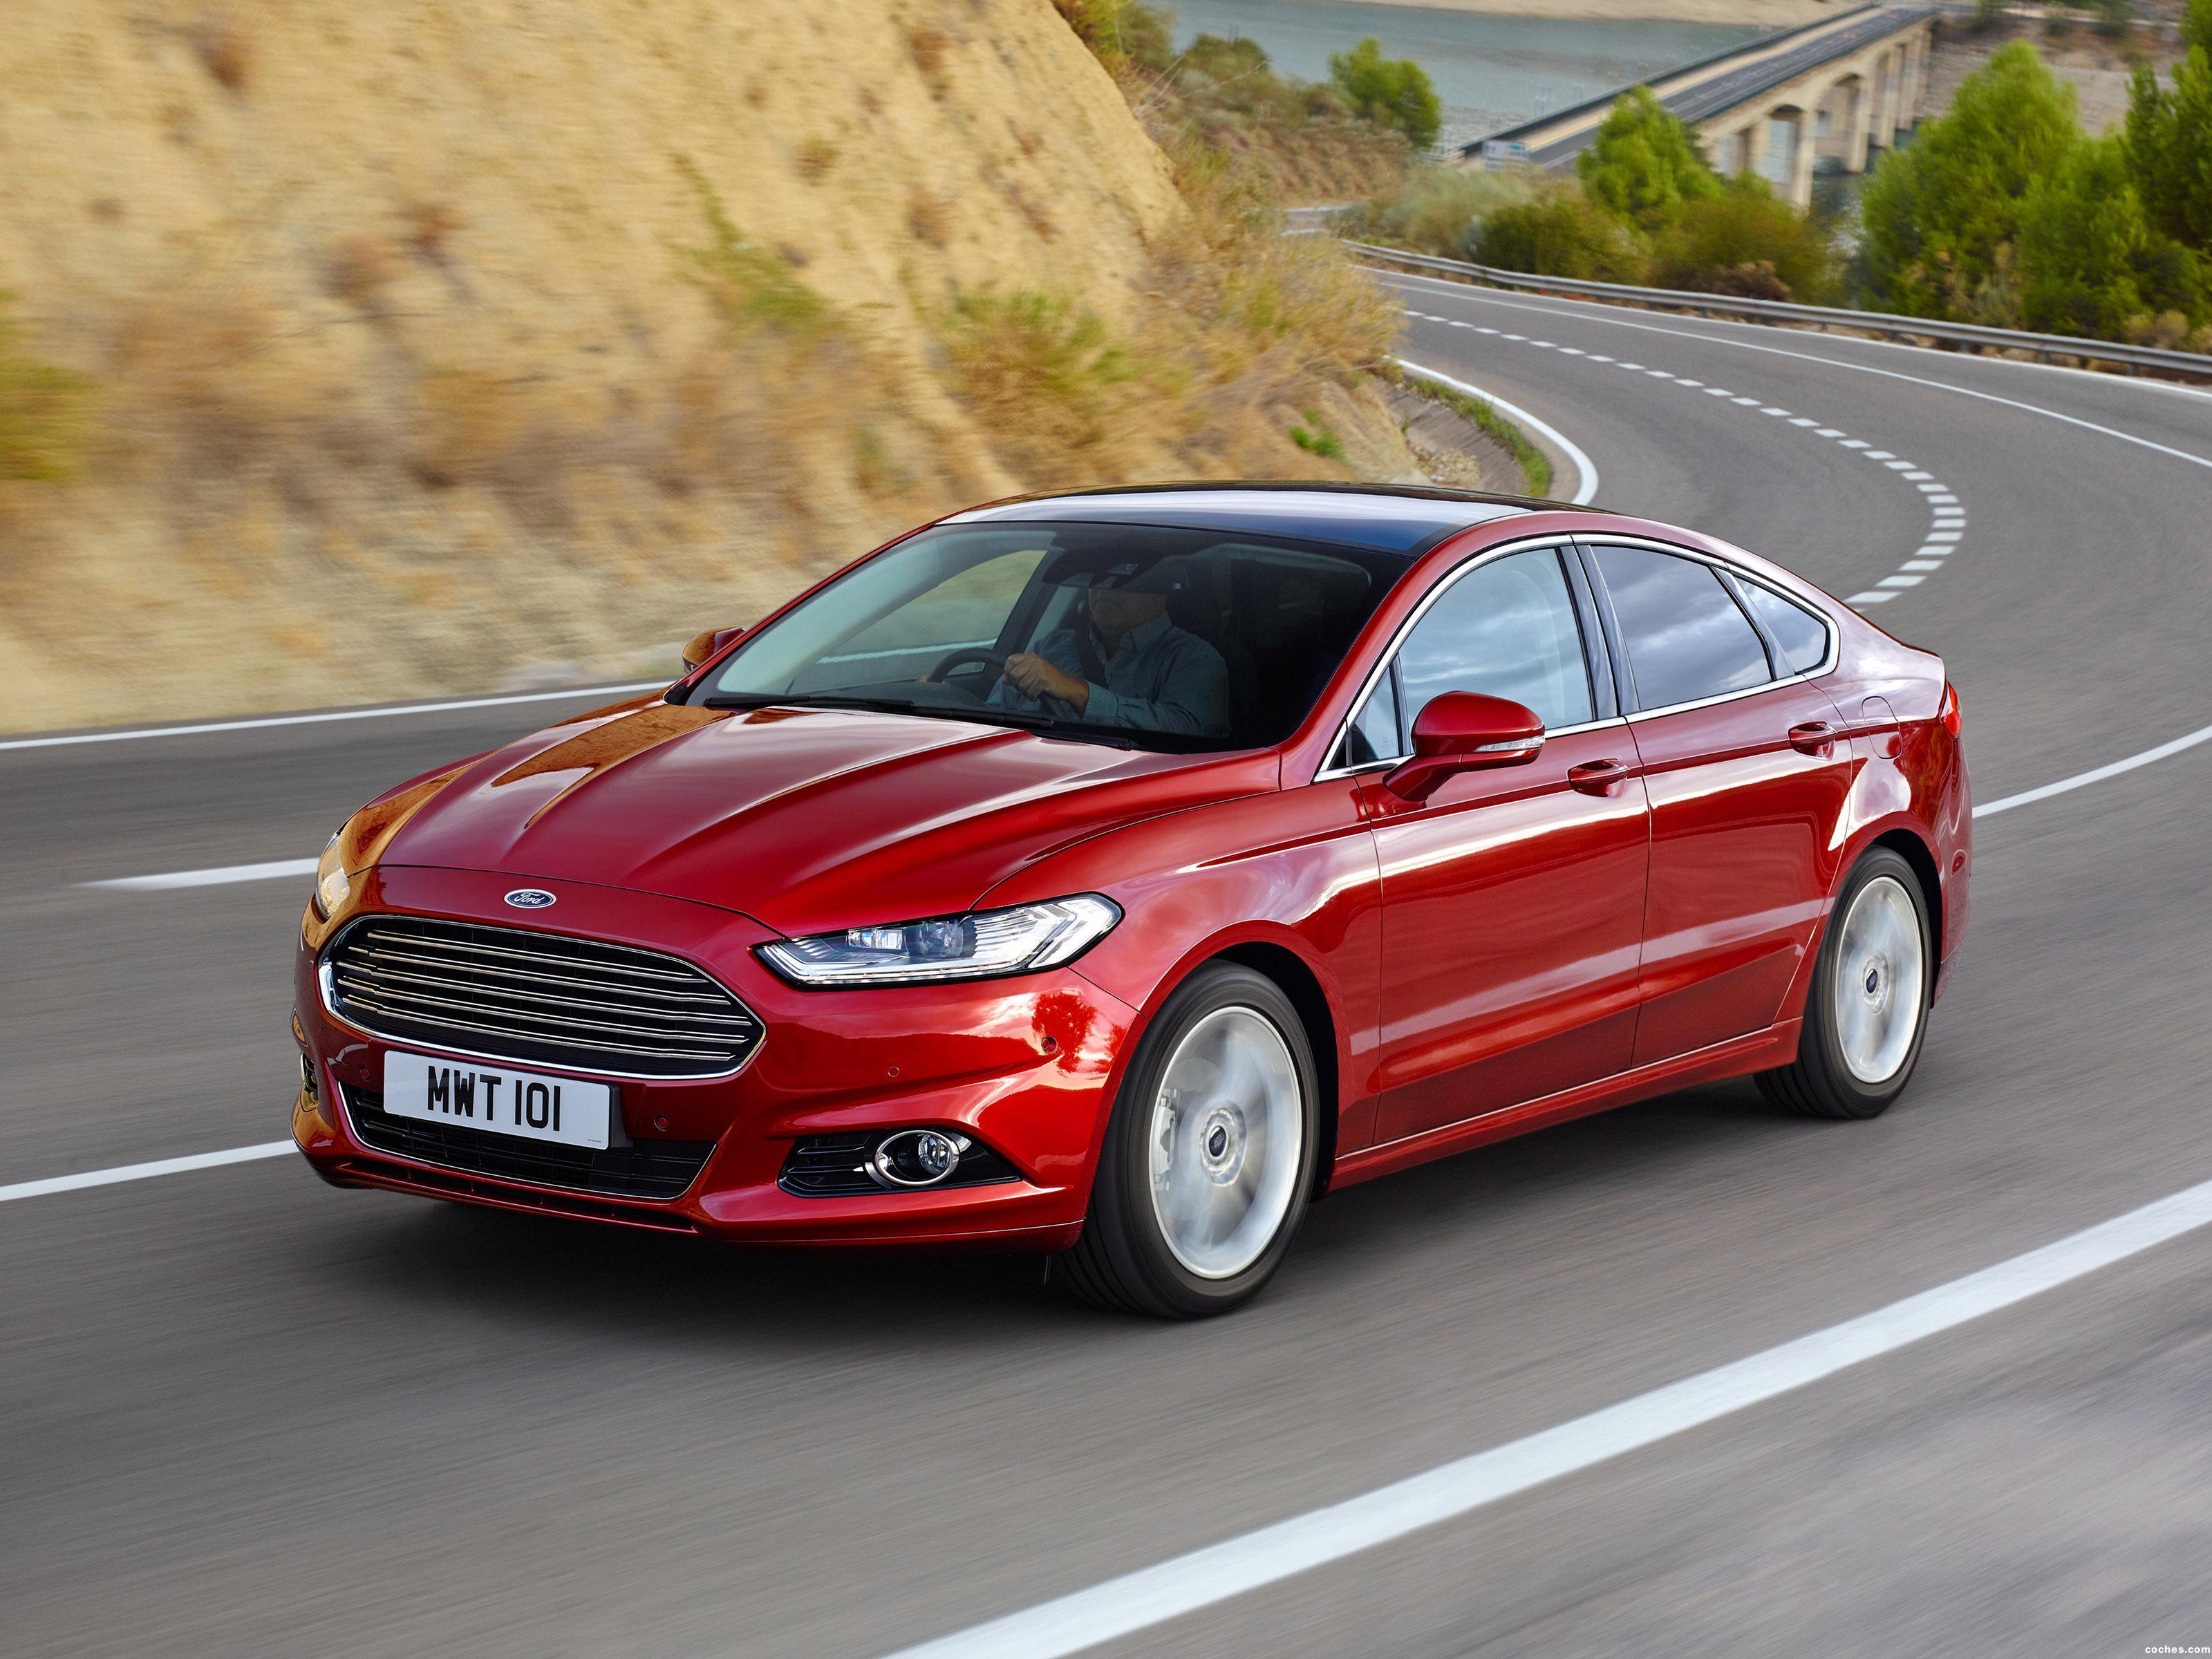 Foto 0 de Ford Mondeo Hatchback UK 2014